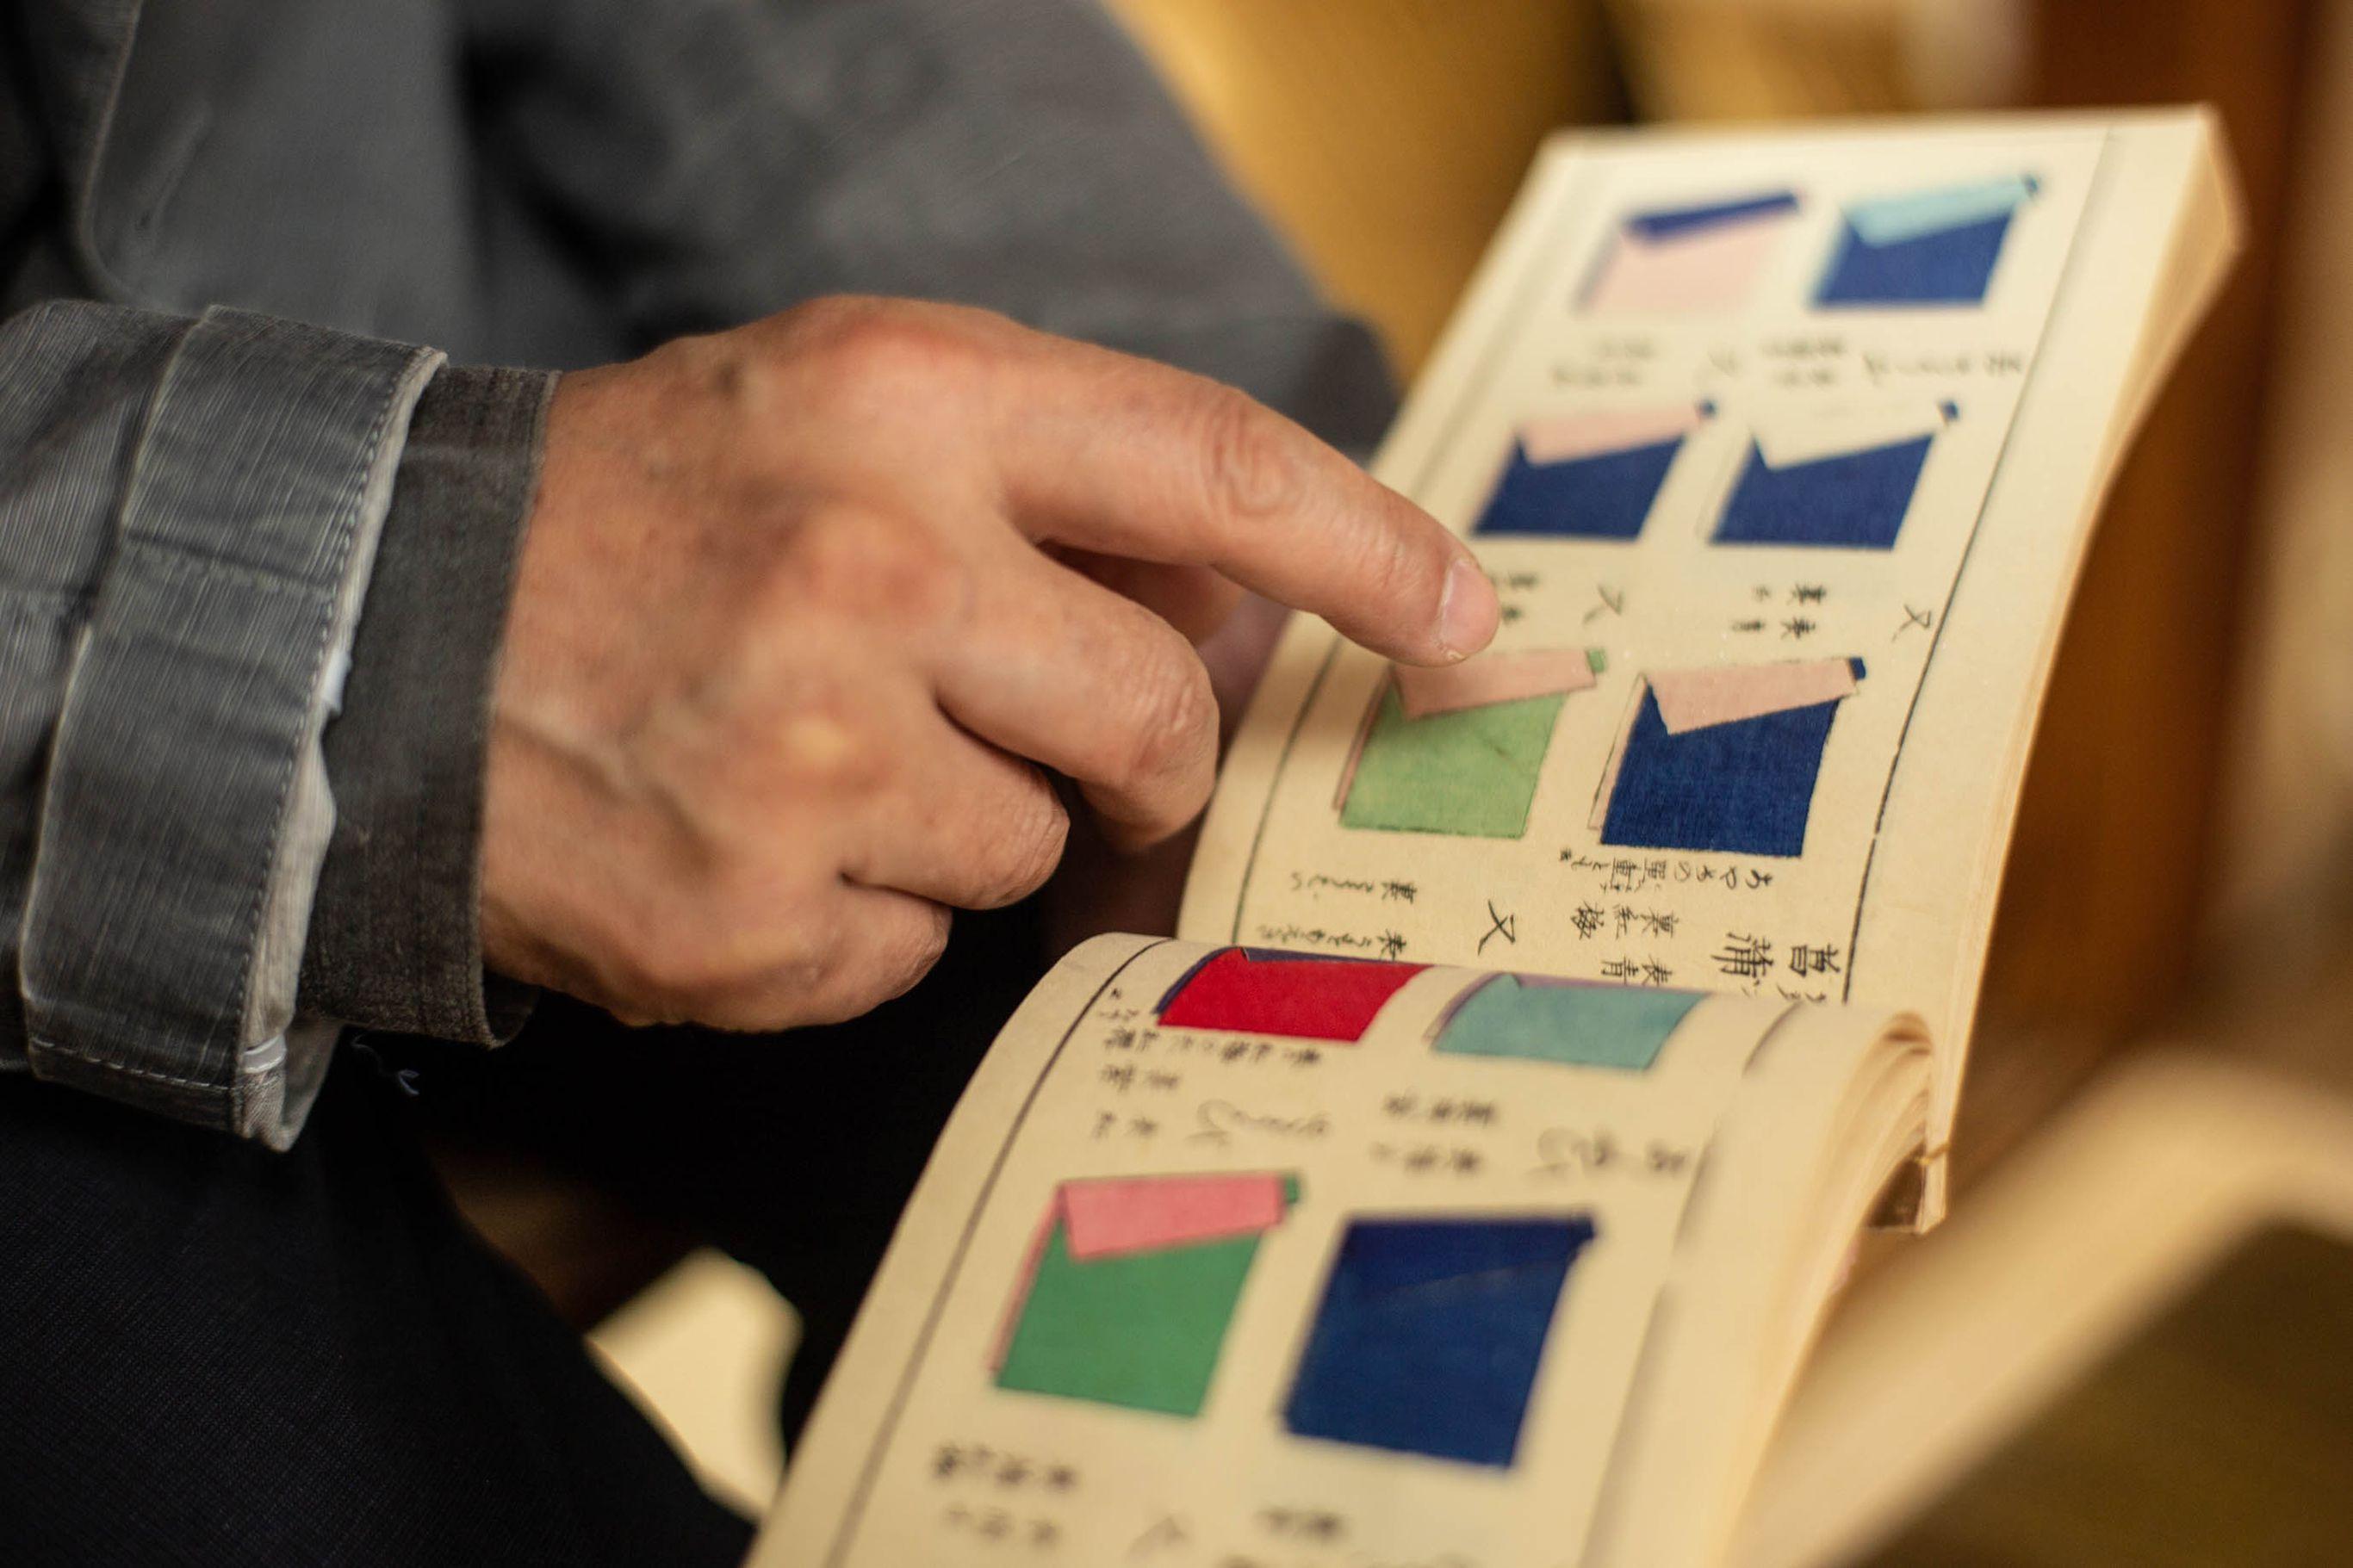 『薄様色目』という文政9(1826)年出版の古書を見る吉岡。四季それぞれの襲(かさね)色が木版刷で表されている。この本が襲の色目を再現するきっかけとなった。